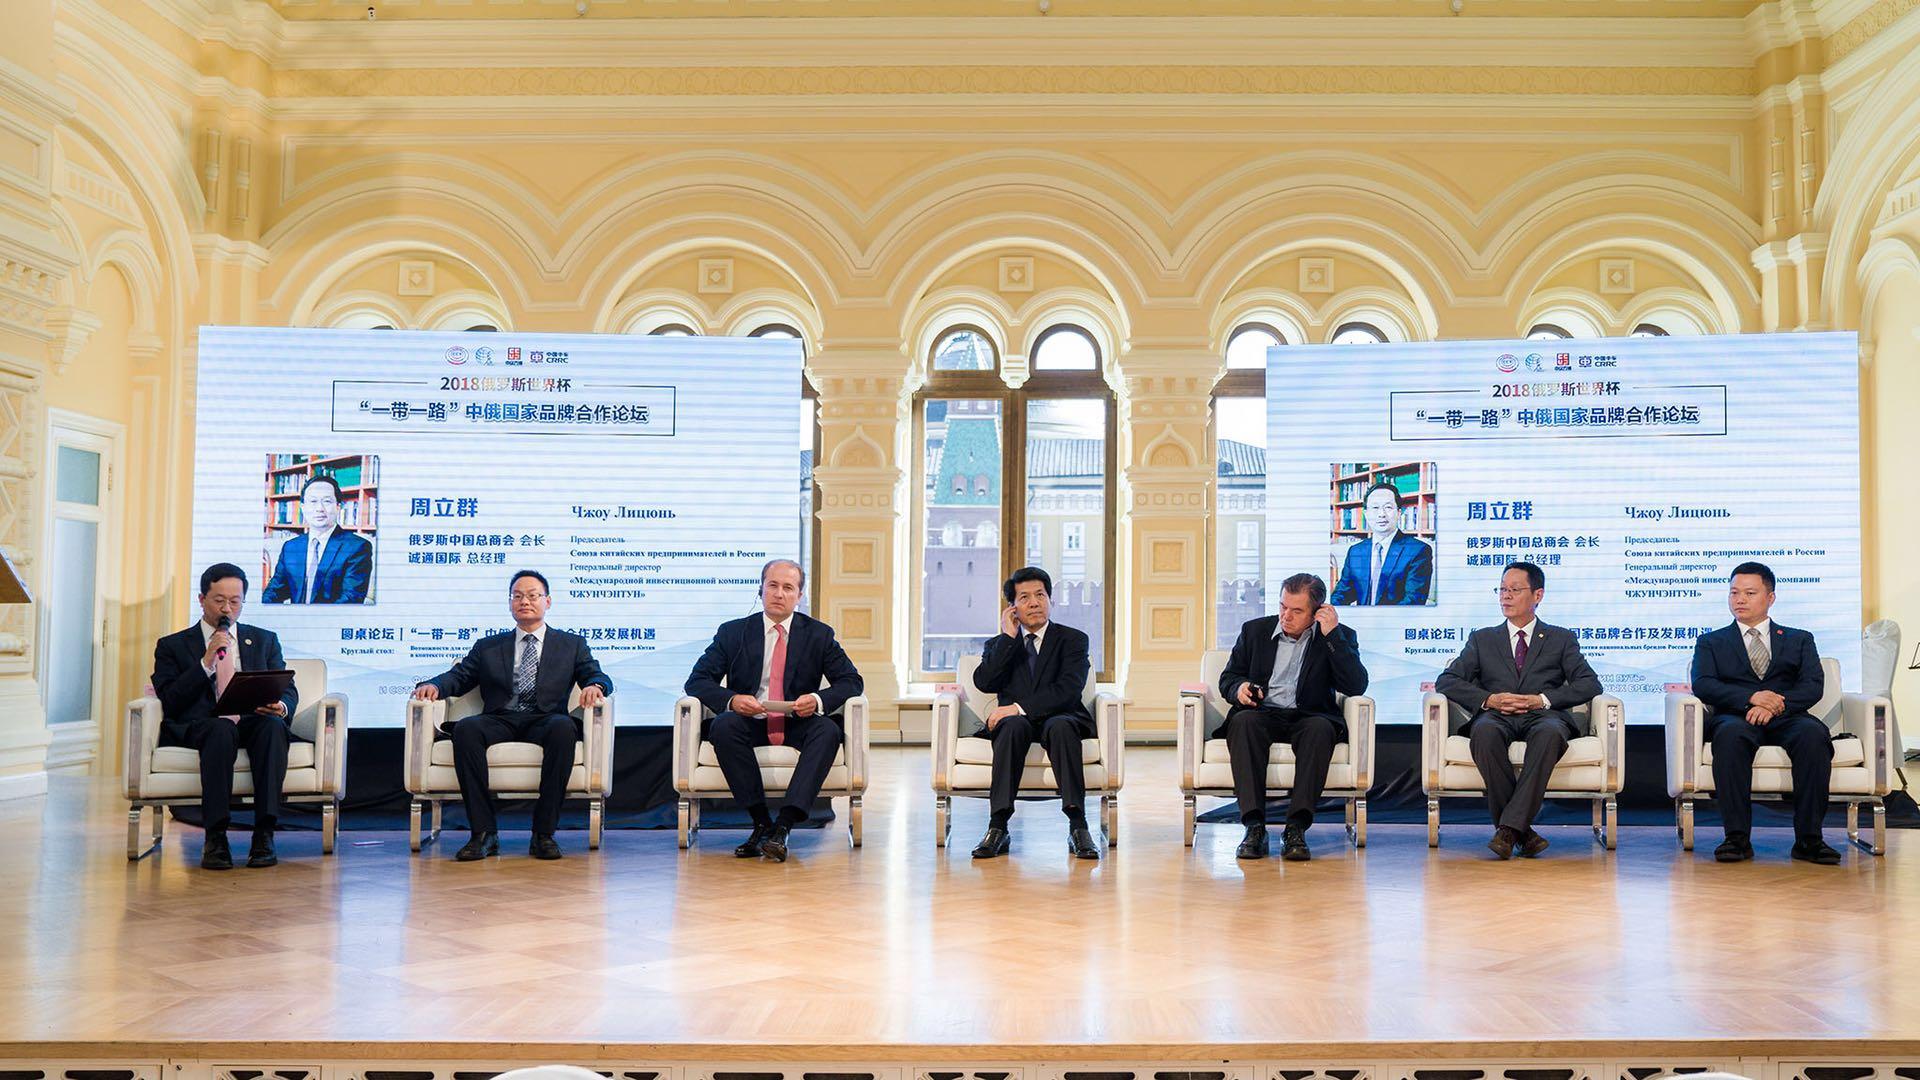 宇通模式获驻俄大使点赞 助推中俄品牌合作再升级